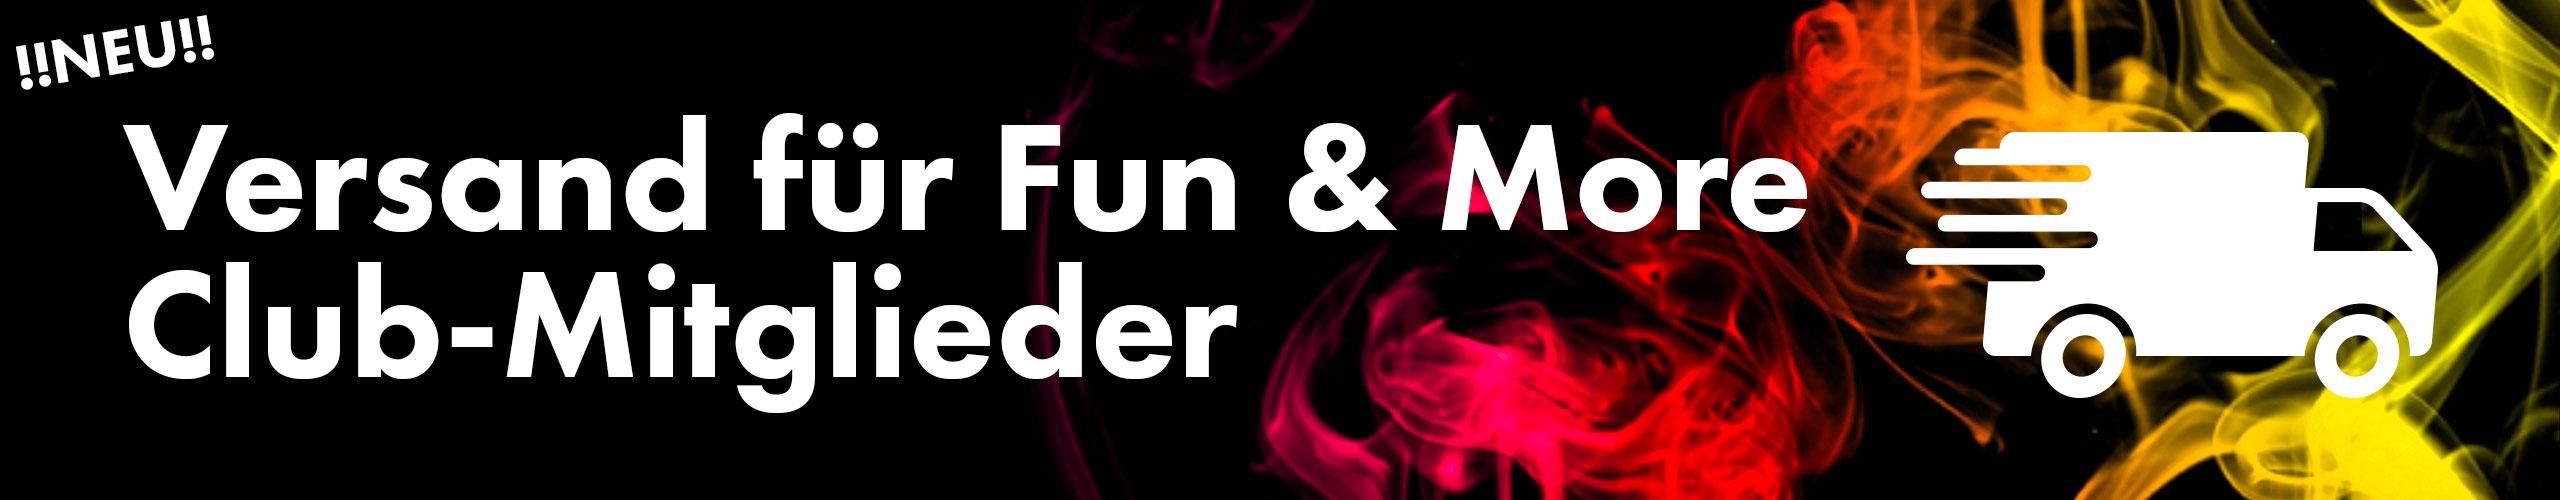 header_versand_club_mitglieder